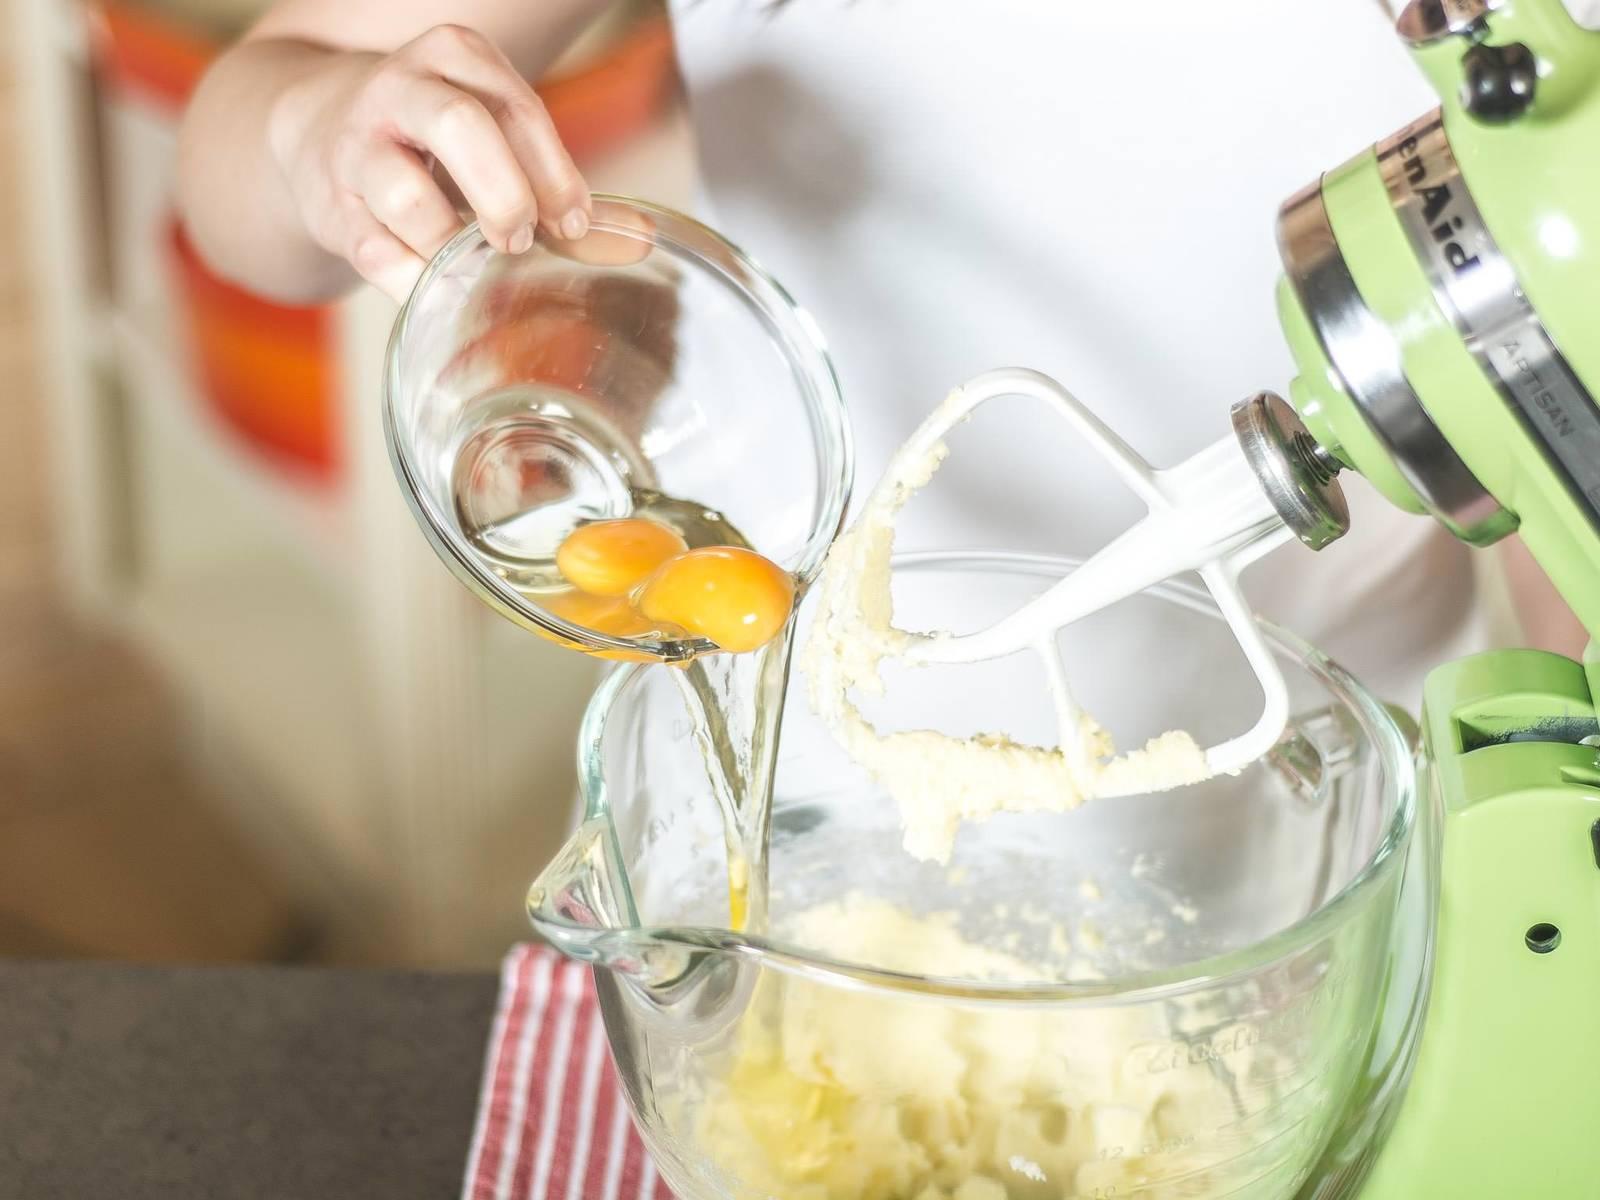 逐一加入两个鸡蛋,继续搅拌。